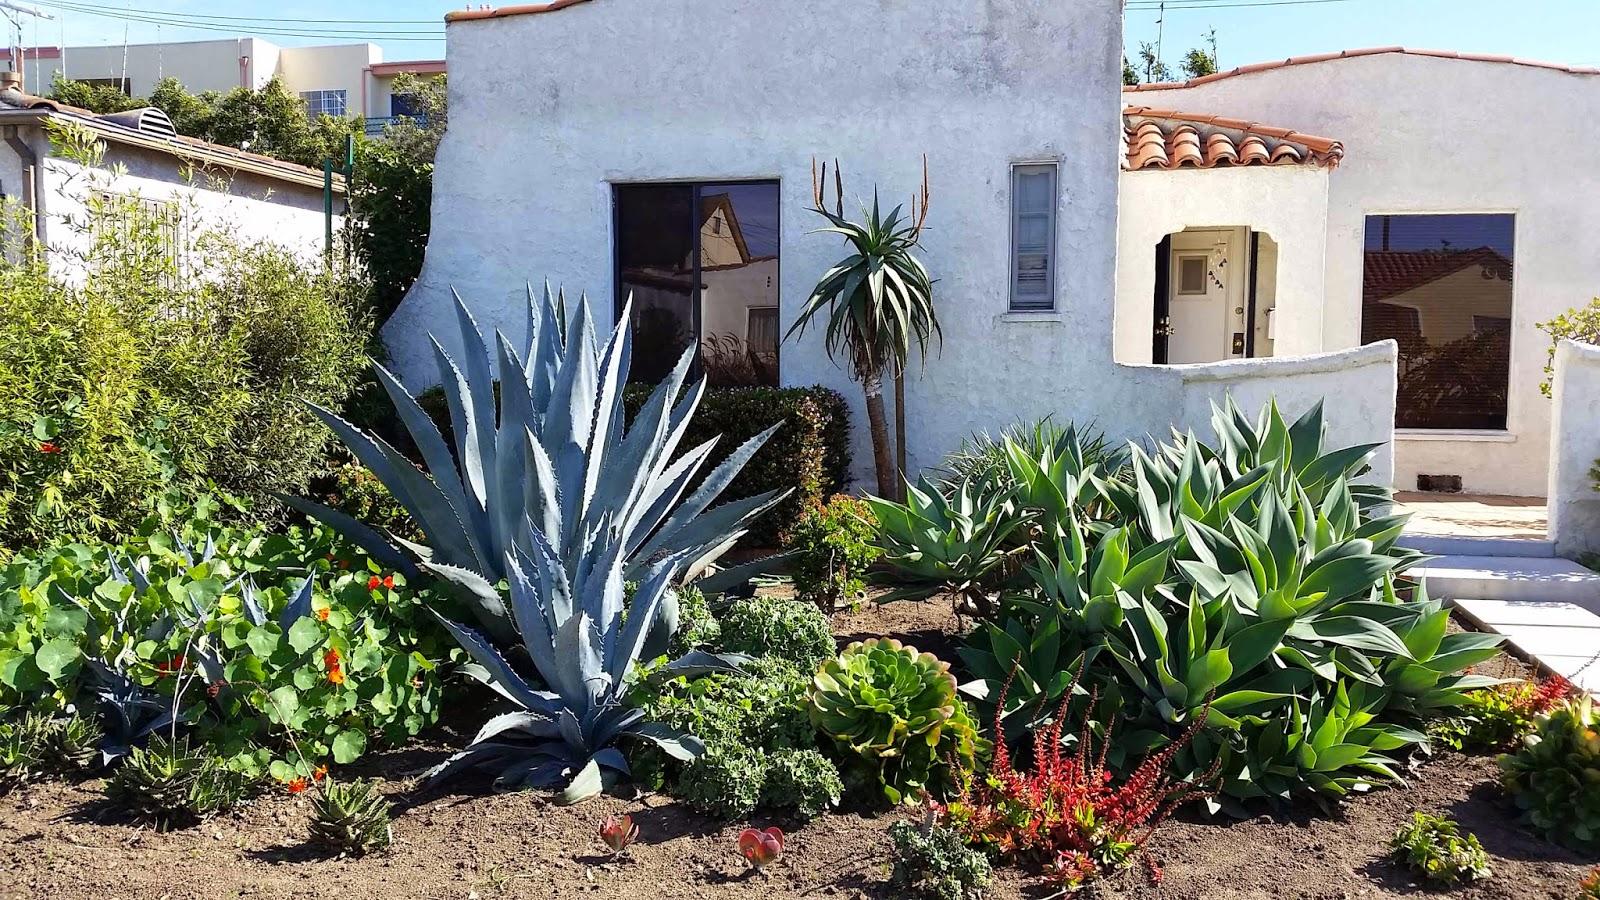 mar vista green garden showcase 12916 mccune avenue cluster 5e